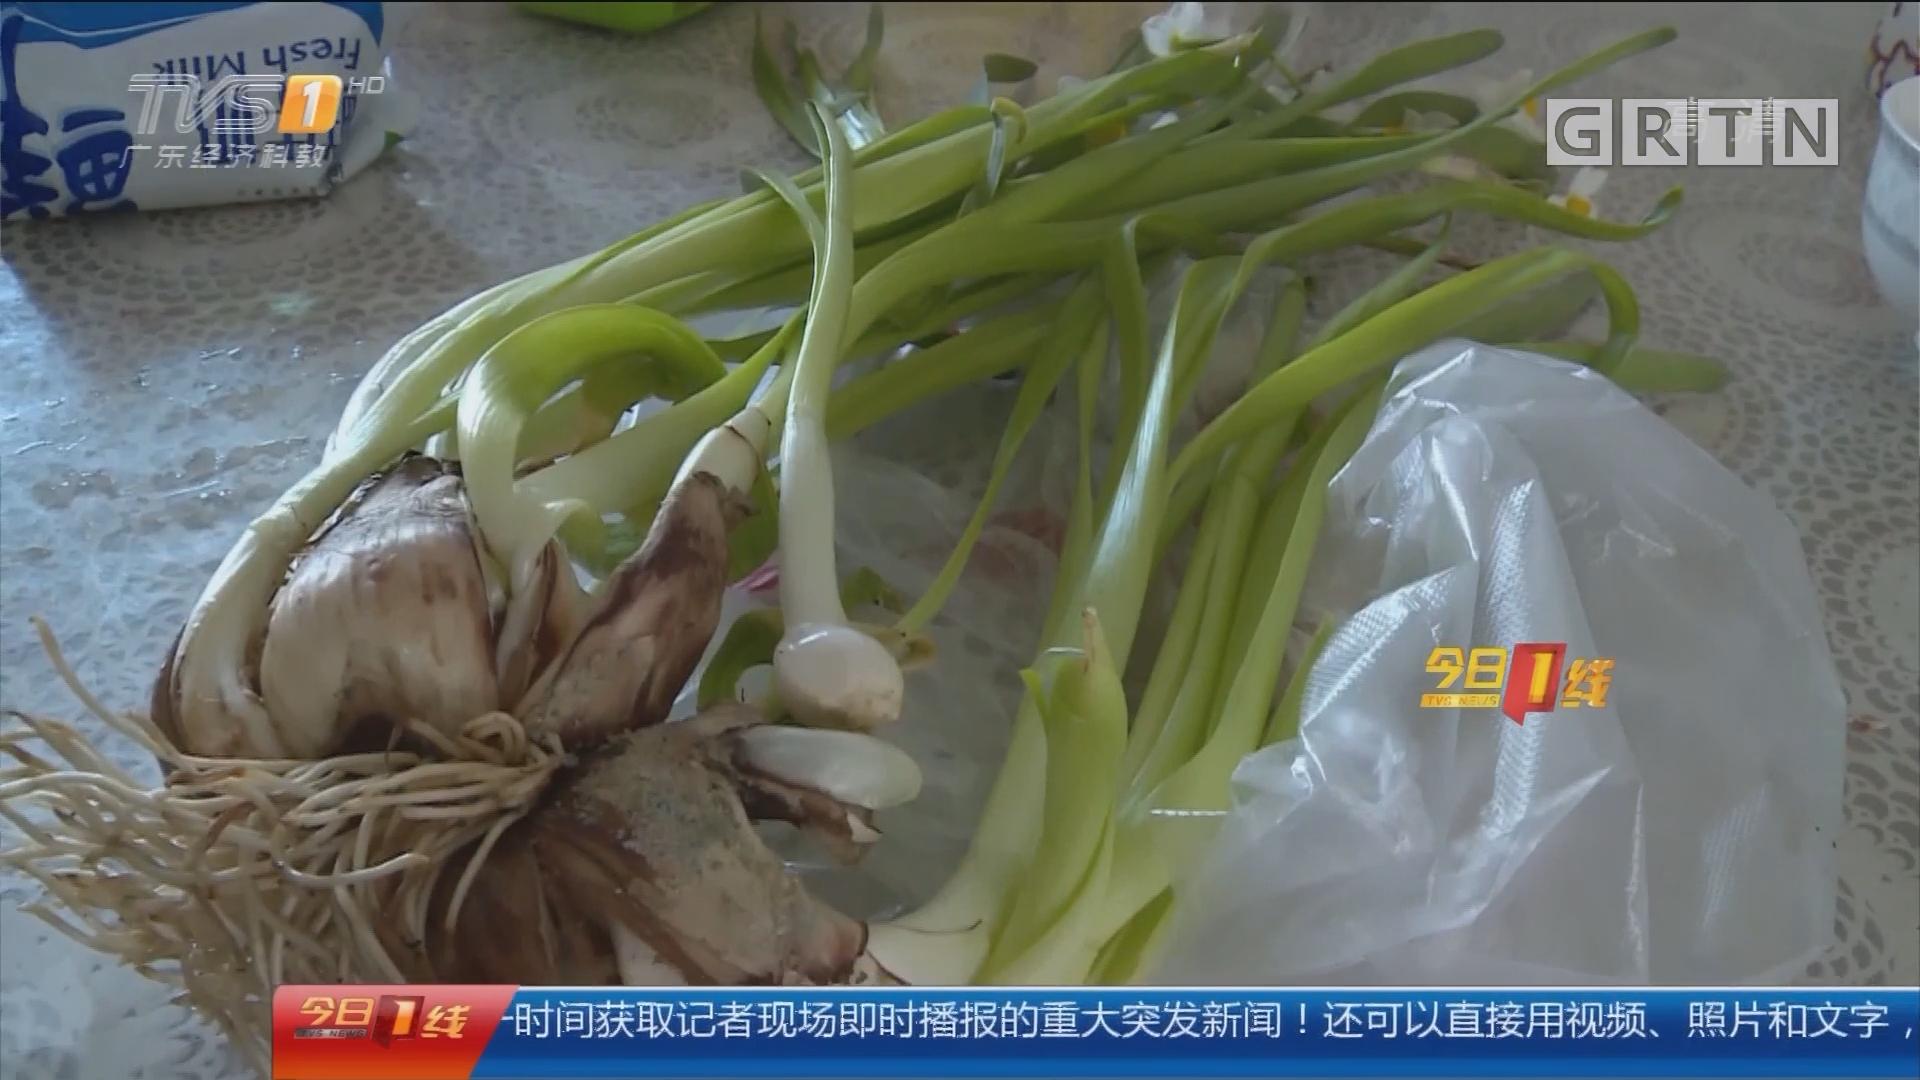 警惕误食水仙:水仙当蒜苗炒了吃 母女呕吐中毒